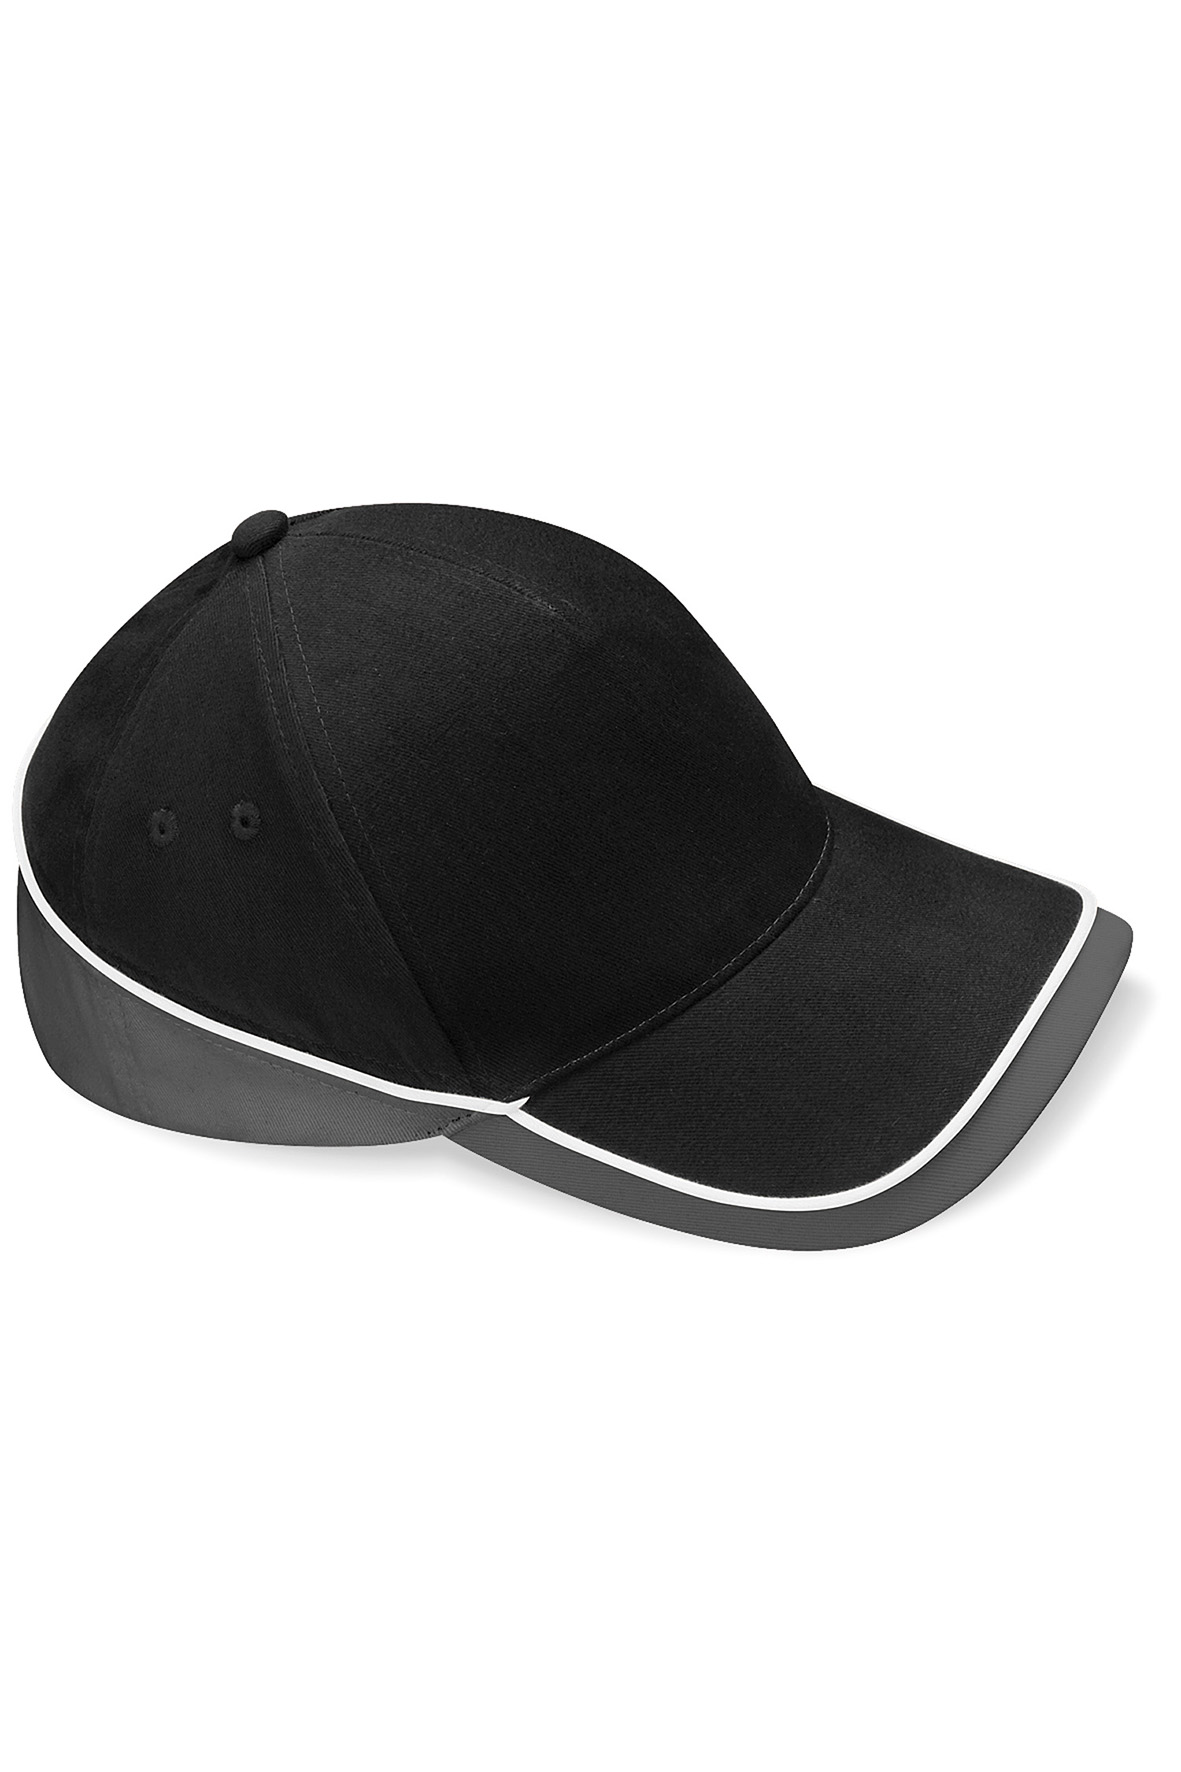 Teamwear Lippis Musta - Grafiitti - Valkoinen